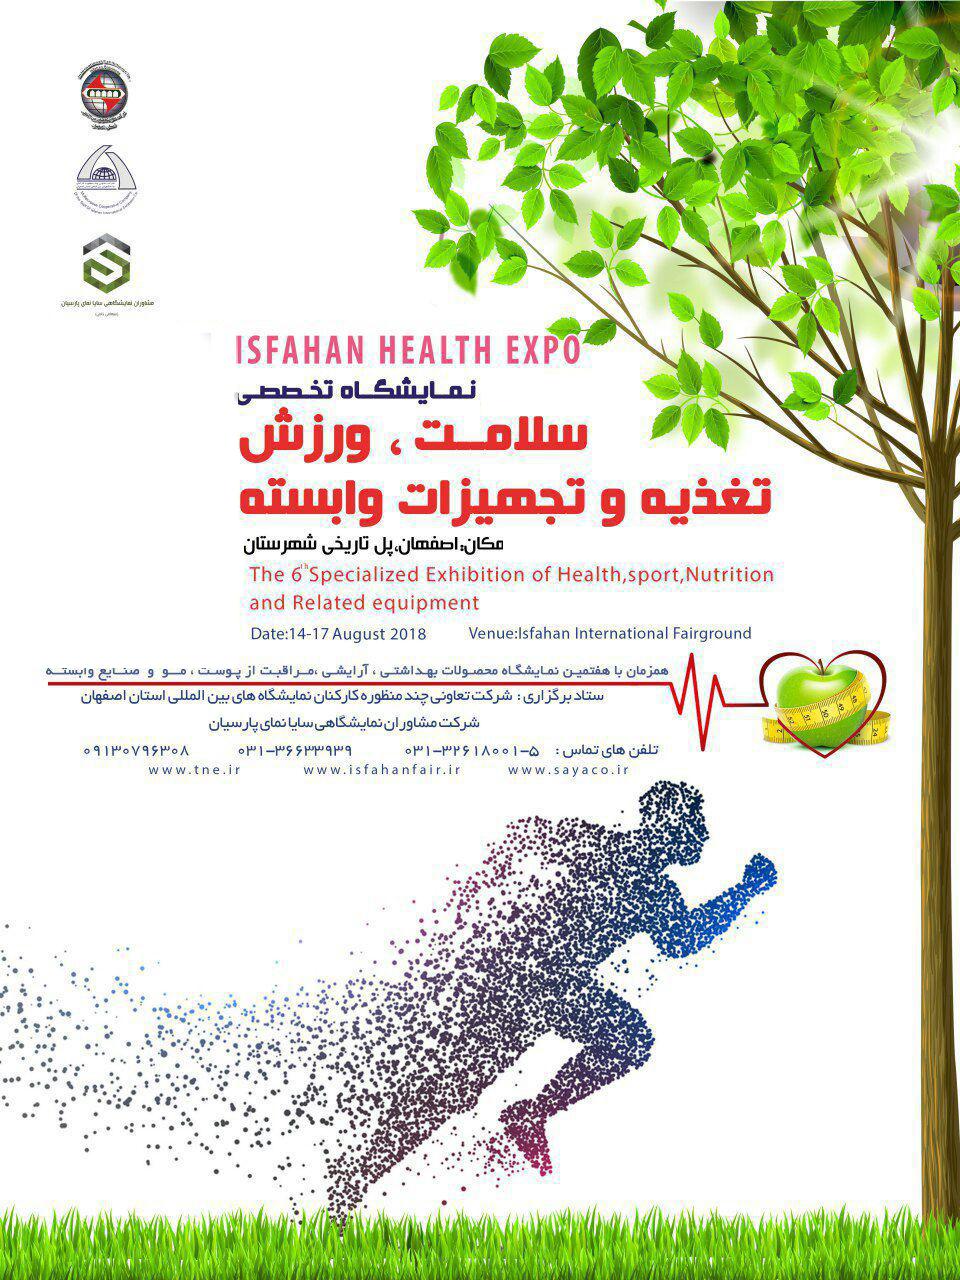 نمایشگاه تخصصی آموزش ، سلامت، ورزش، تغذیه و خدمات وابسته اصفهان